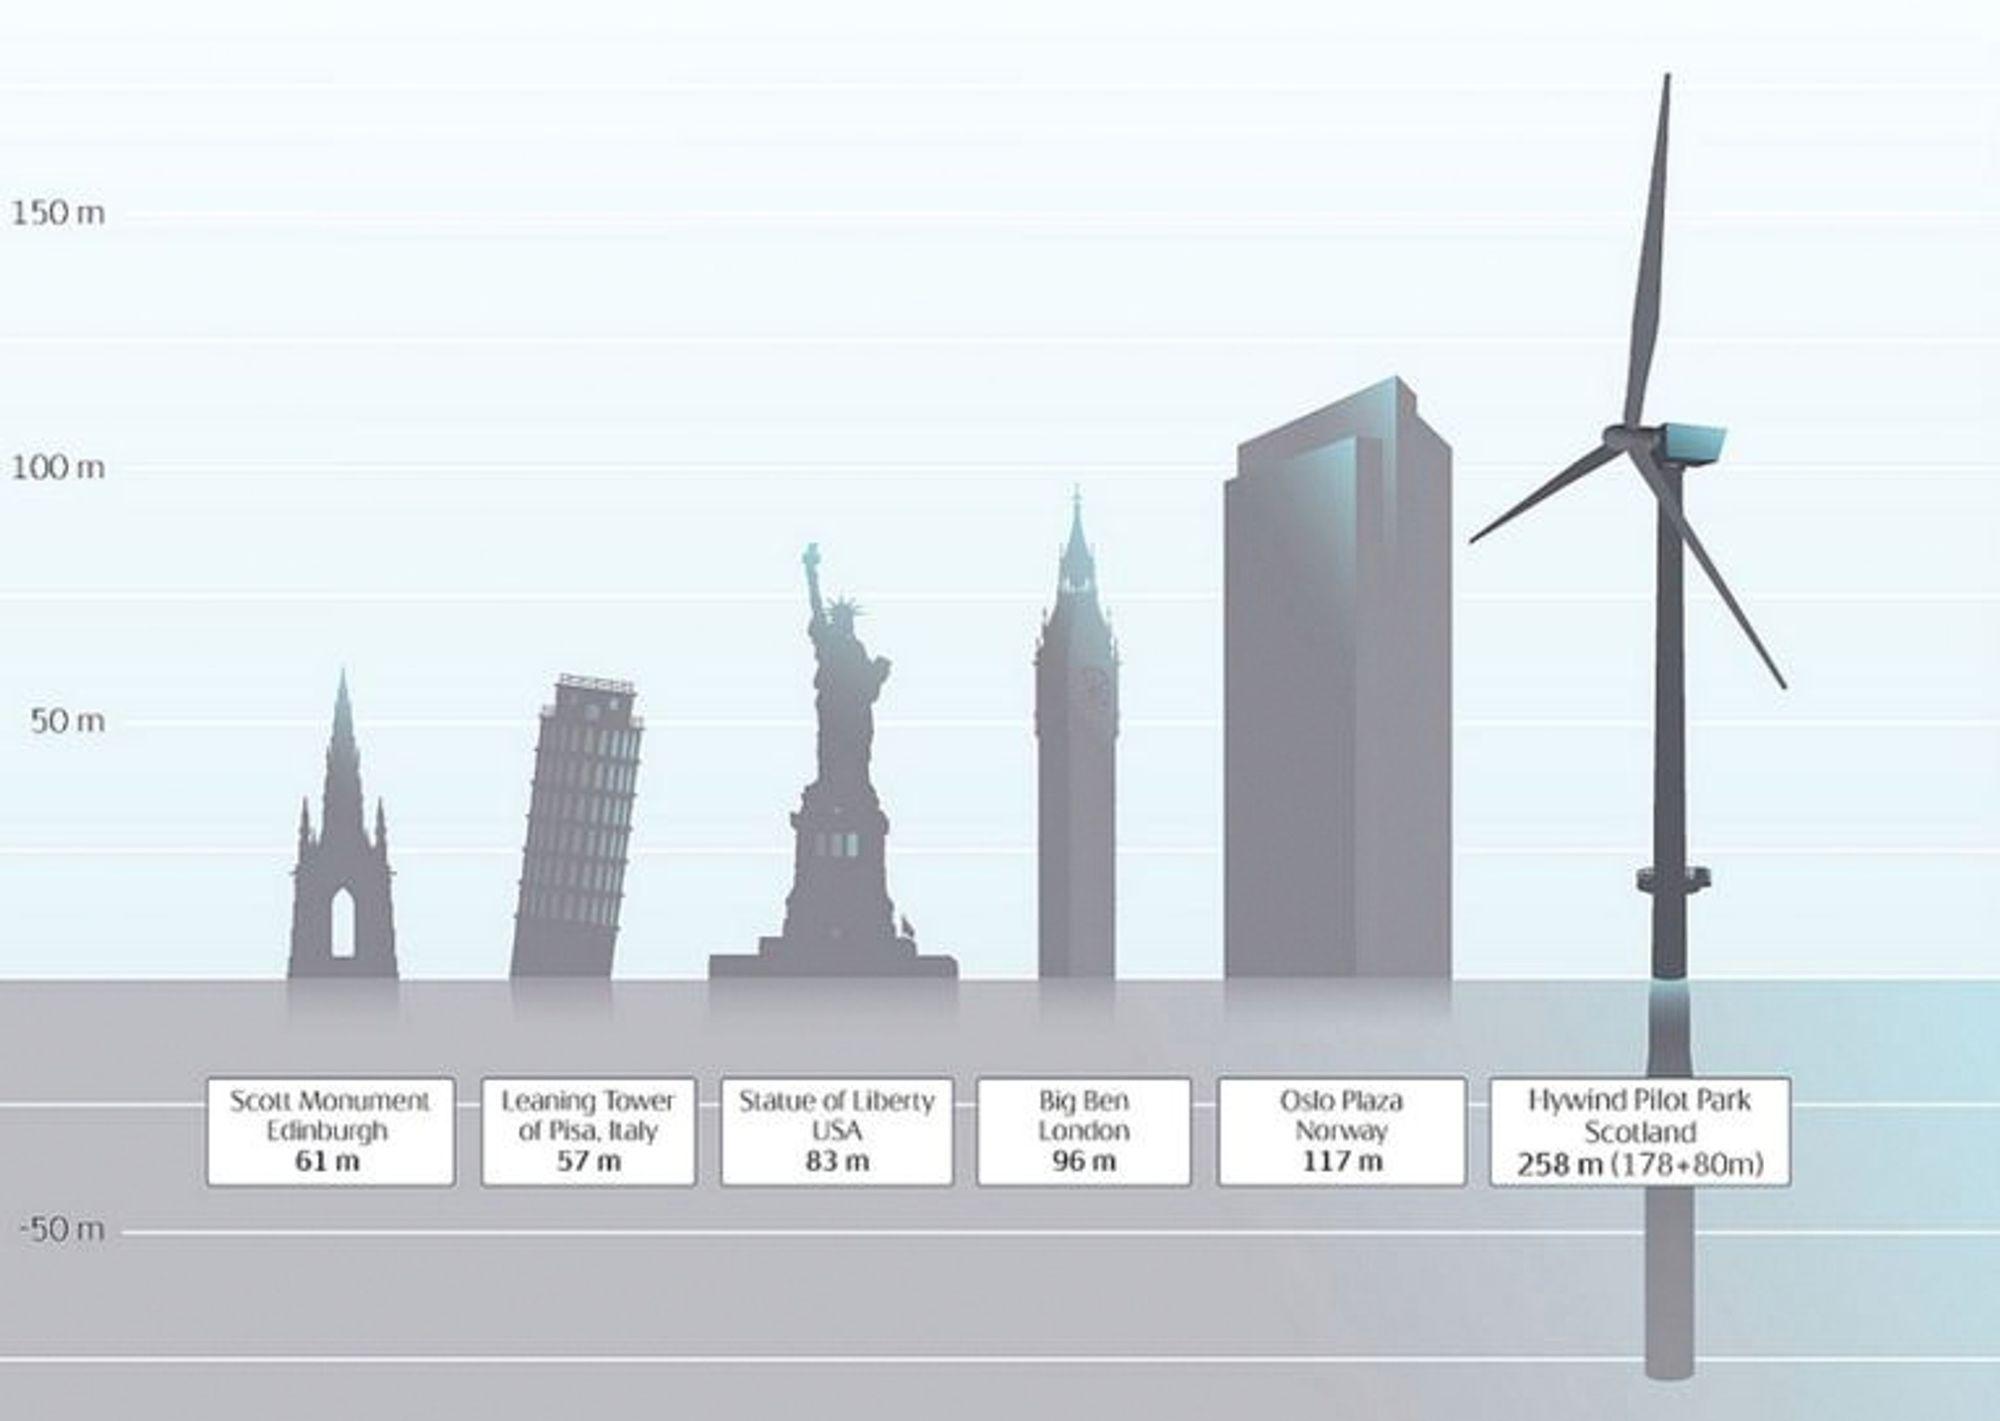 Hywind II: Statoils ser for seg store markedsmuligheter for Hywind i framtiden. Når seks Hywind-turbiner plasseres utenfor Skottland, får de denne størrelsen, med en rotodiameter på 154 meter, tilsvarende to fotballbaner.